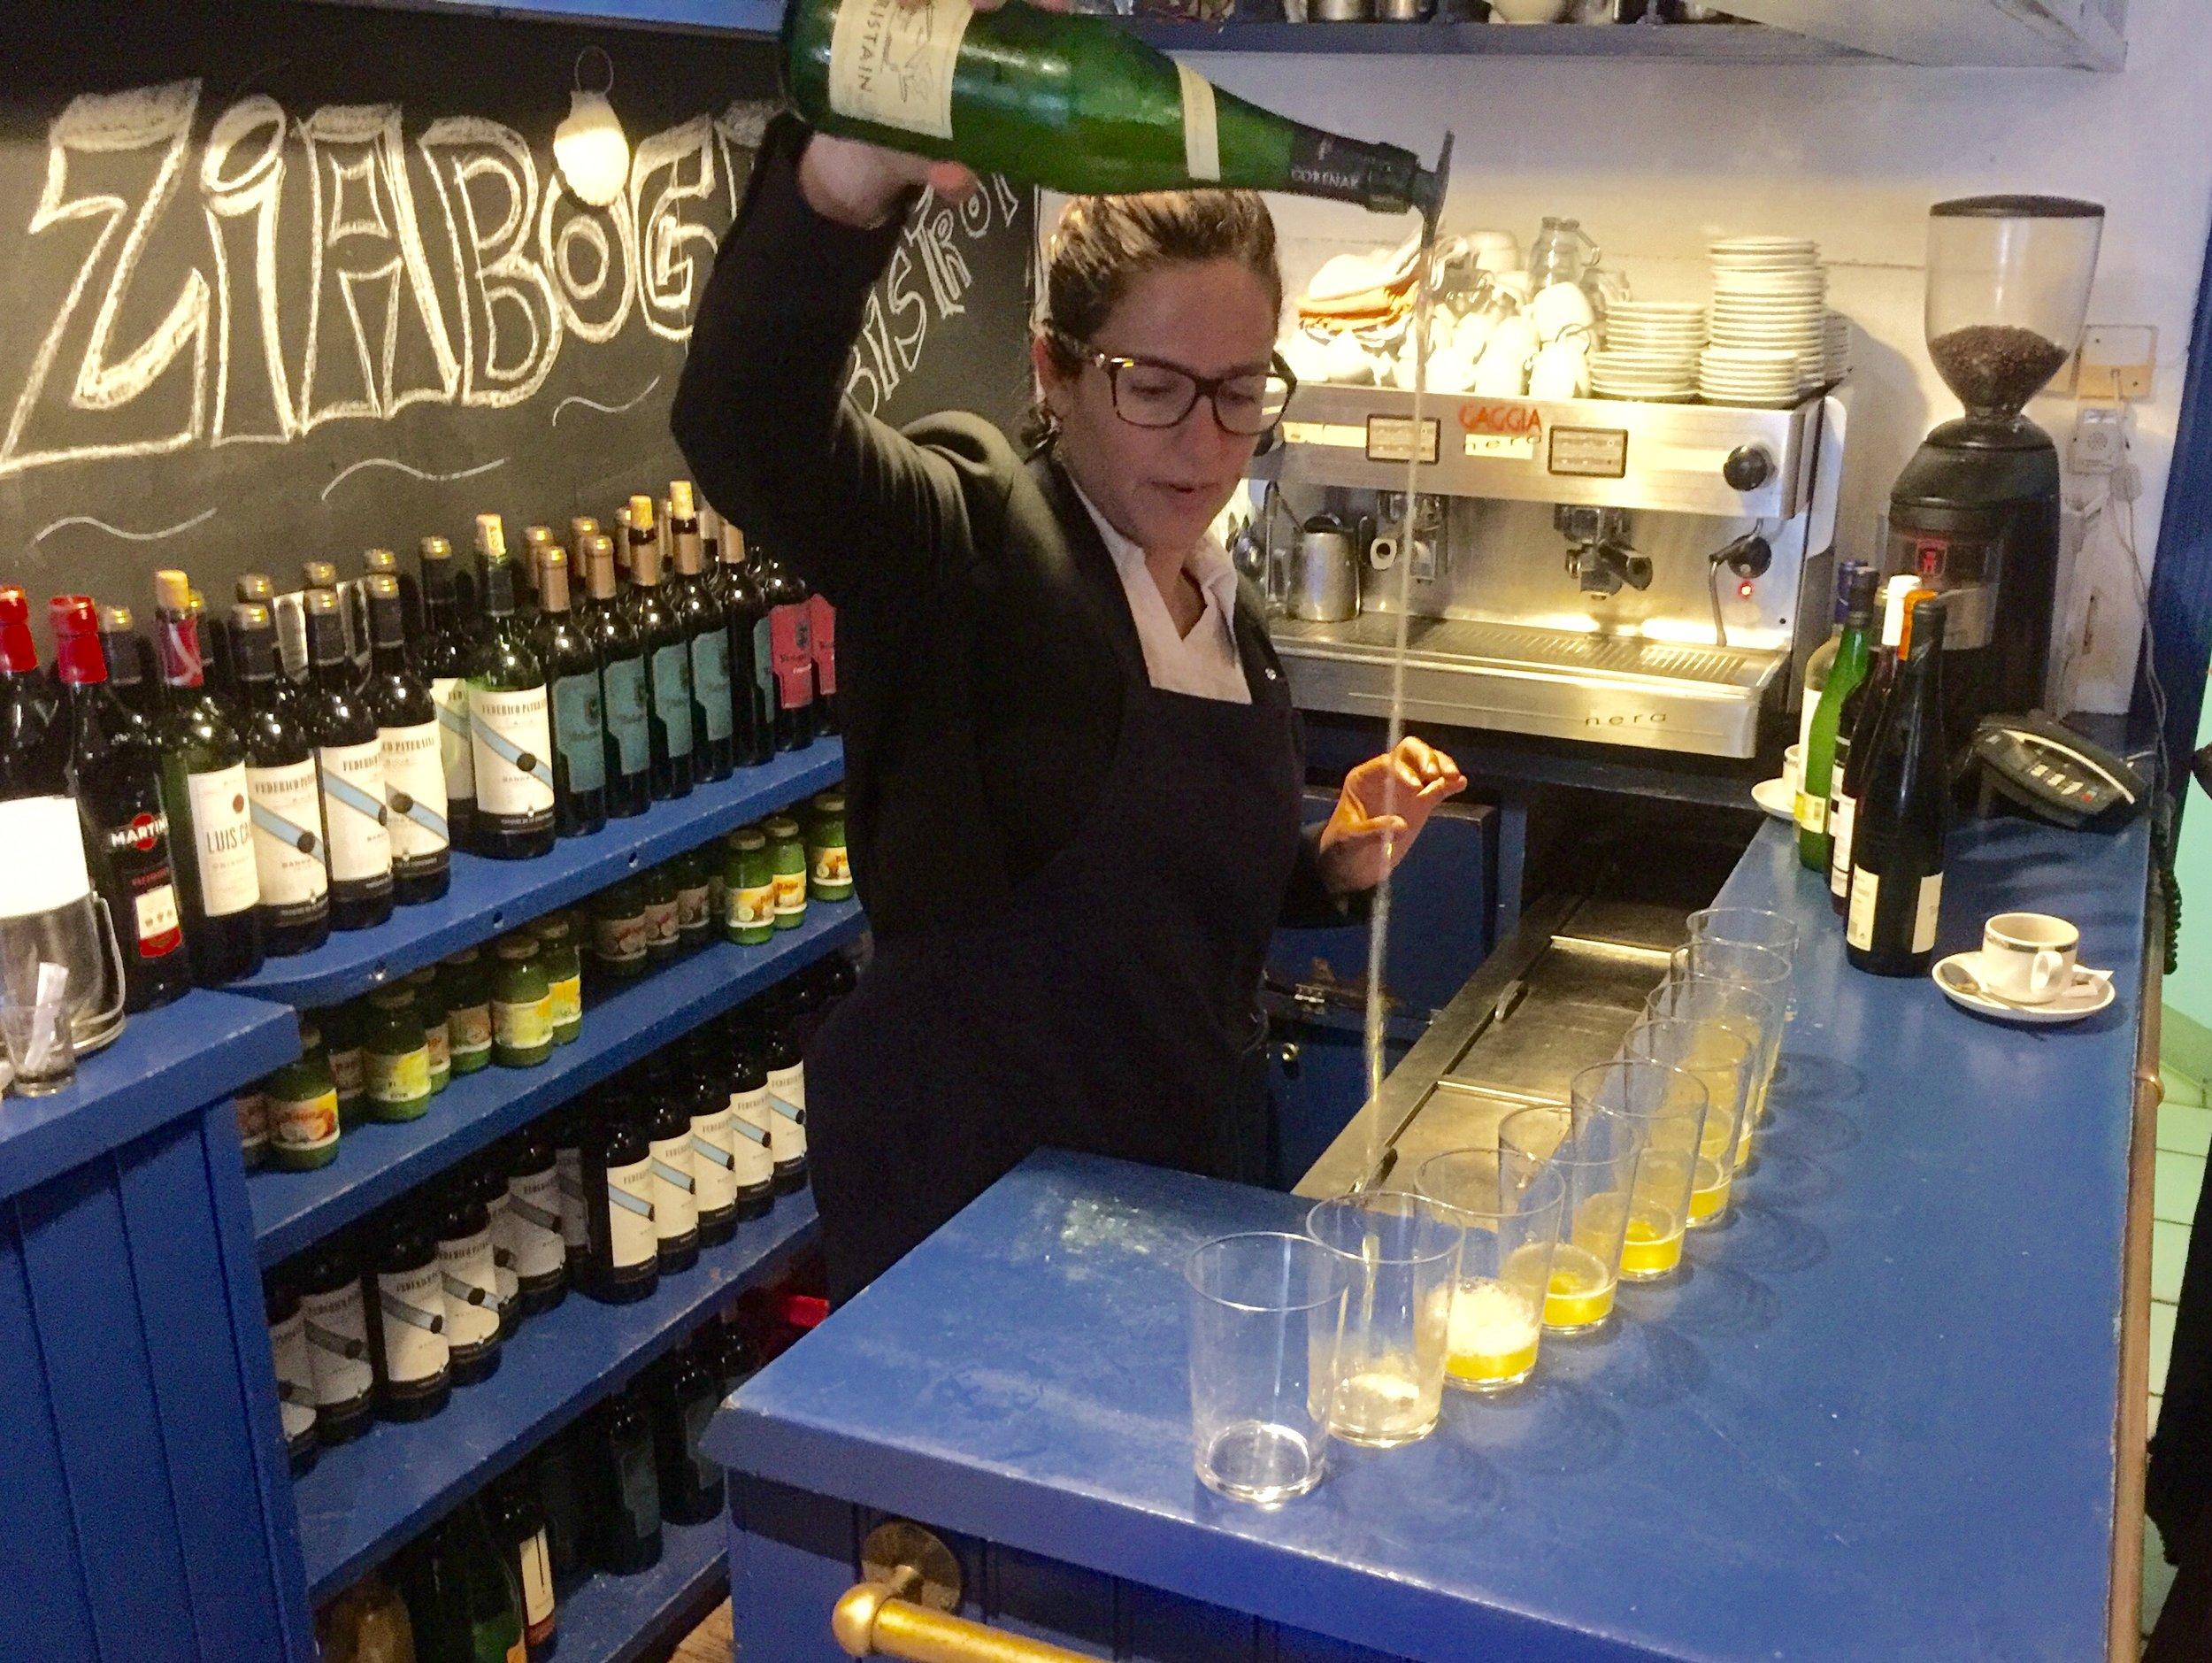 Gabi pouring Basque cider at Ziaboga.